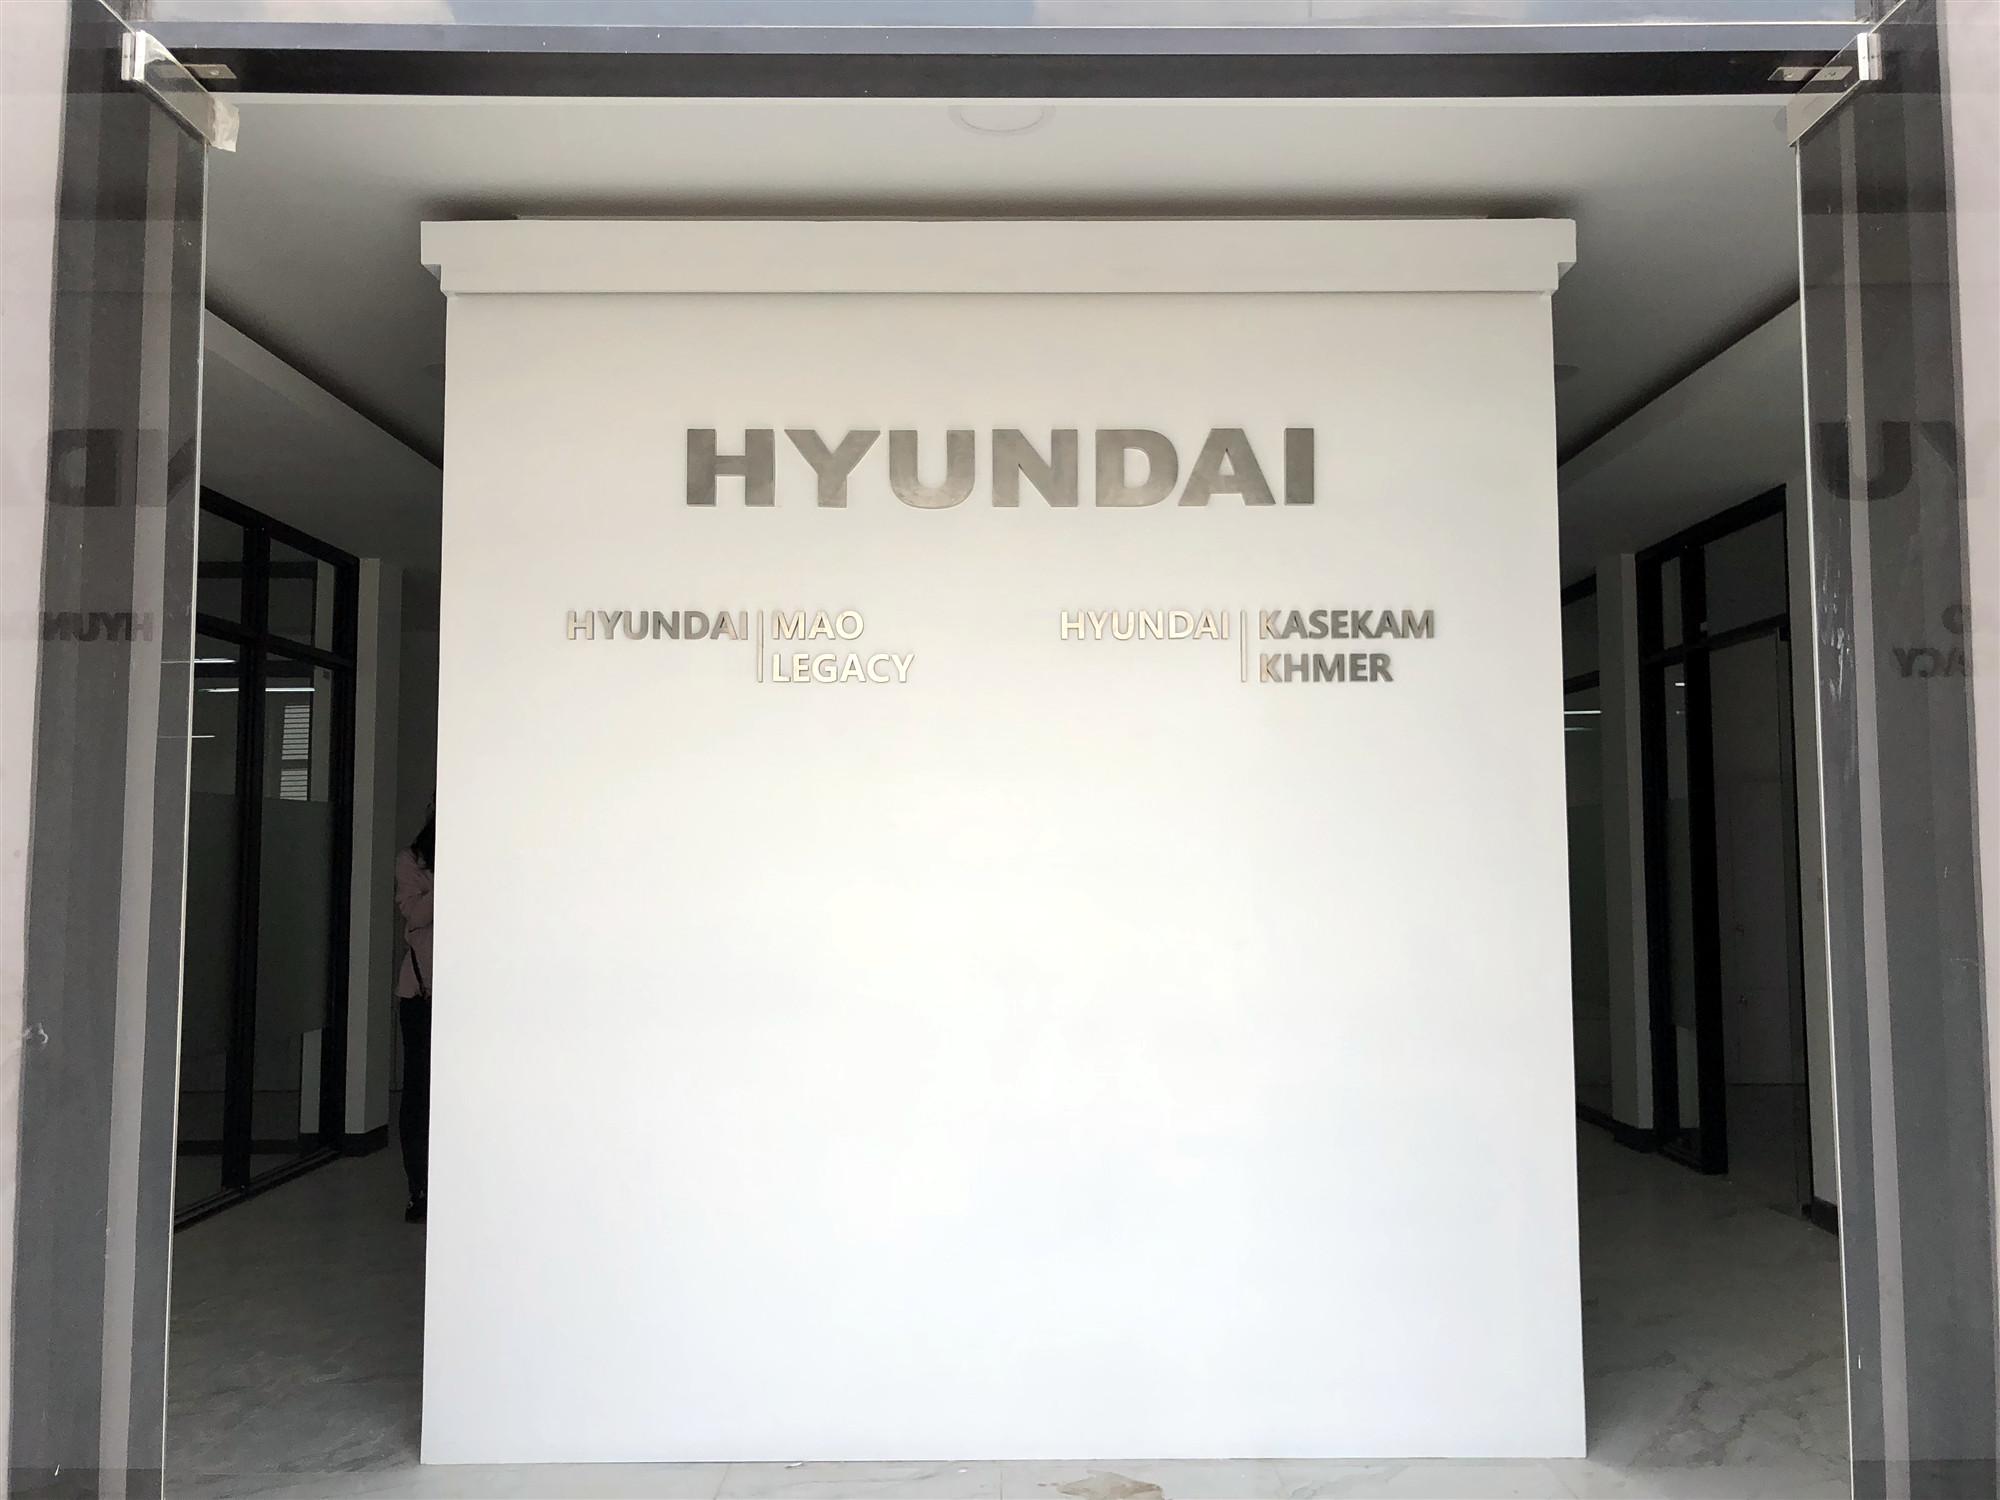 HYUNDAI LOGO WALL